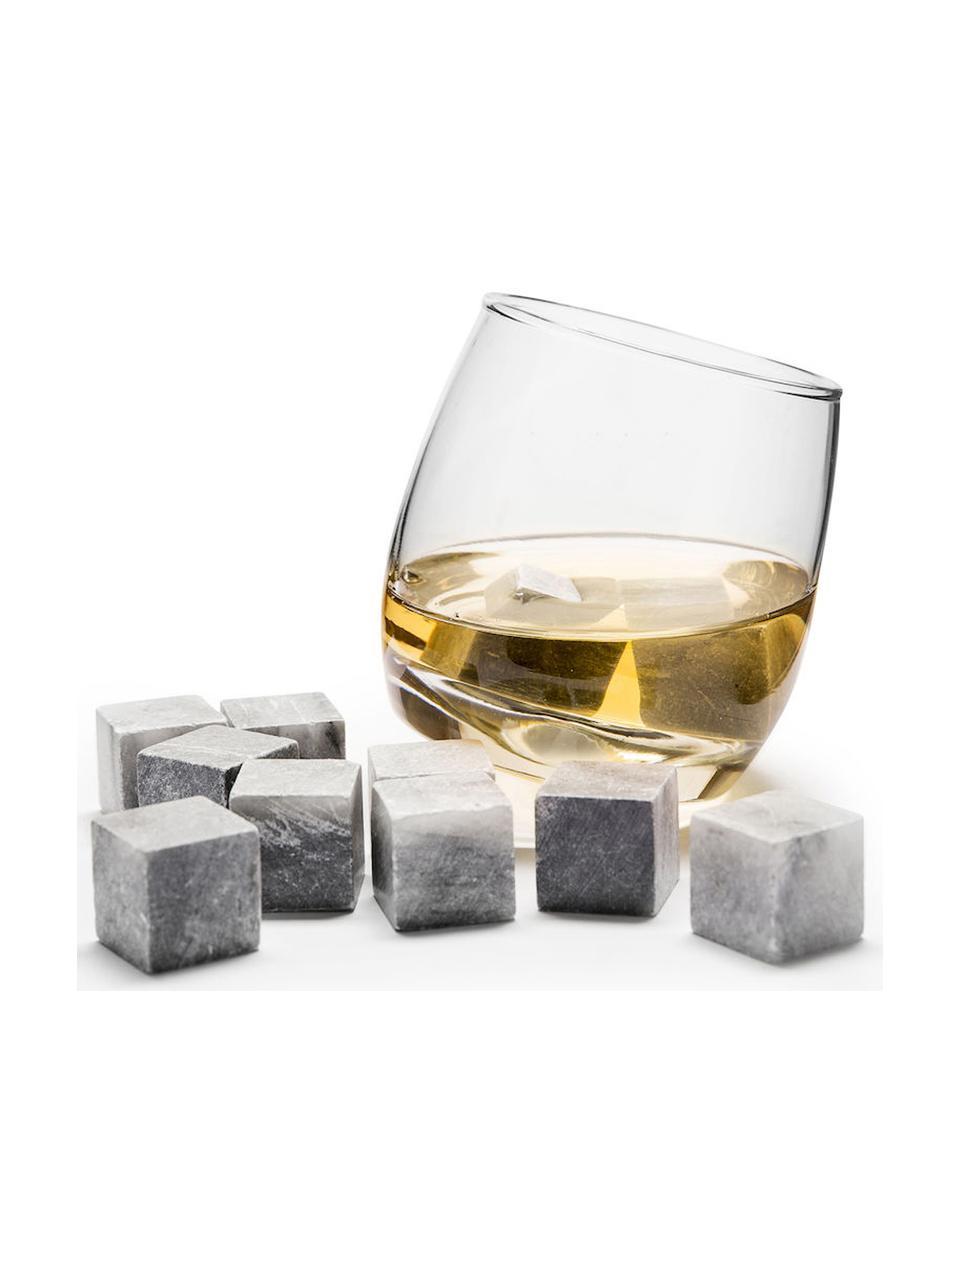 Komplet kamieni do whisky Rocking, 9 szt., Szary, S 2 x W 2 cm